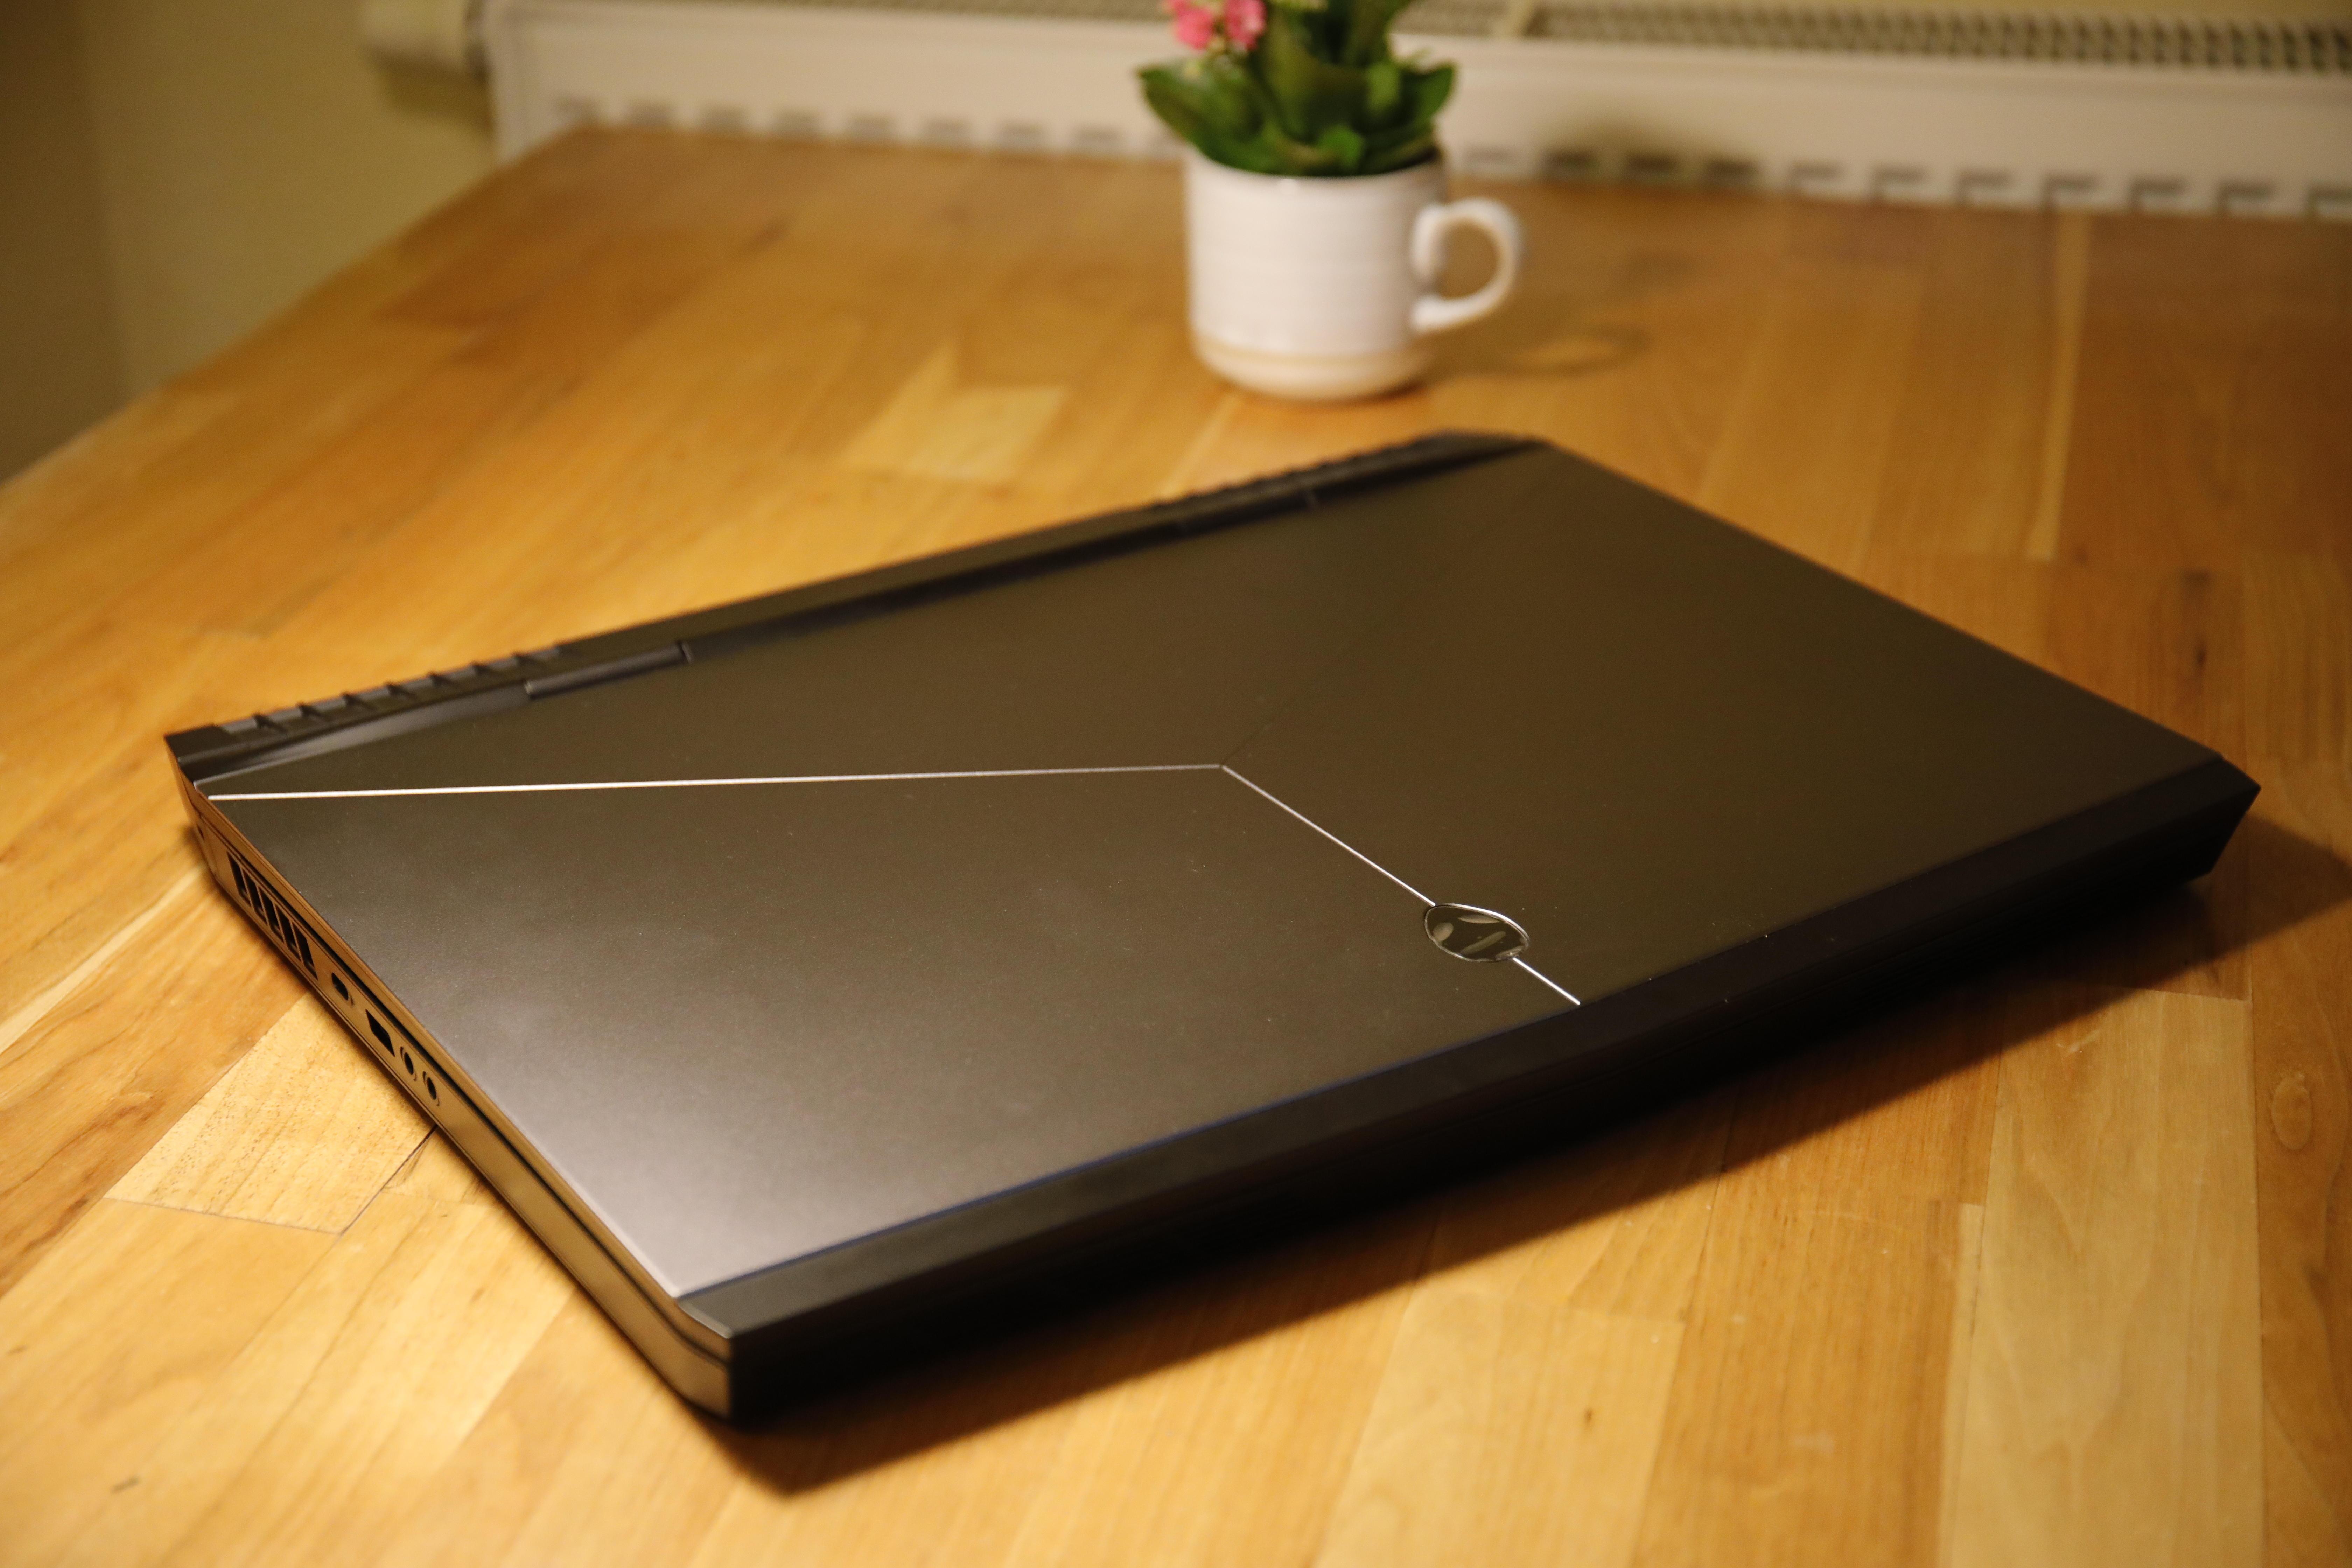 Biete - erledigt] Alienware 17 R4, GTX 1070, I7 6820HK, 100Hz LG IPS